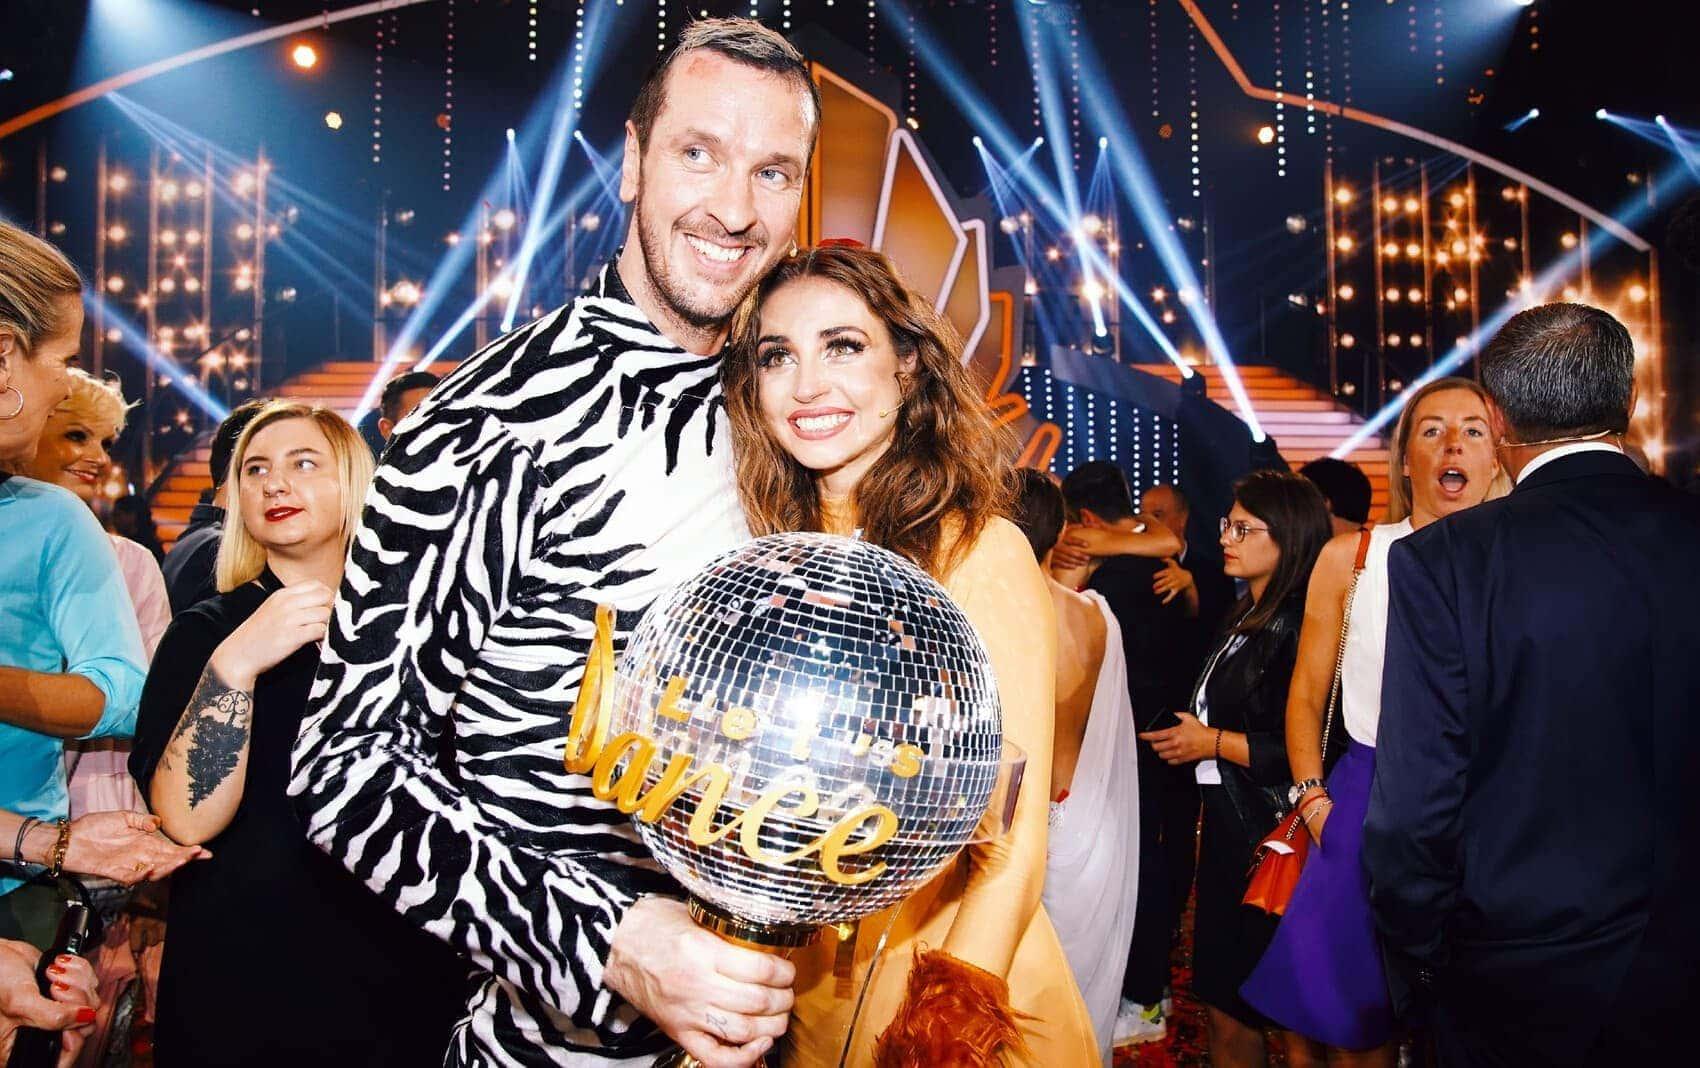 Ein verdienter Sieg: Pascal Hens und Ekaterina Leonova mit der Trophäe. Foto: TVNOW / Stefan Gregorowius